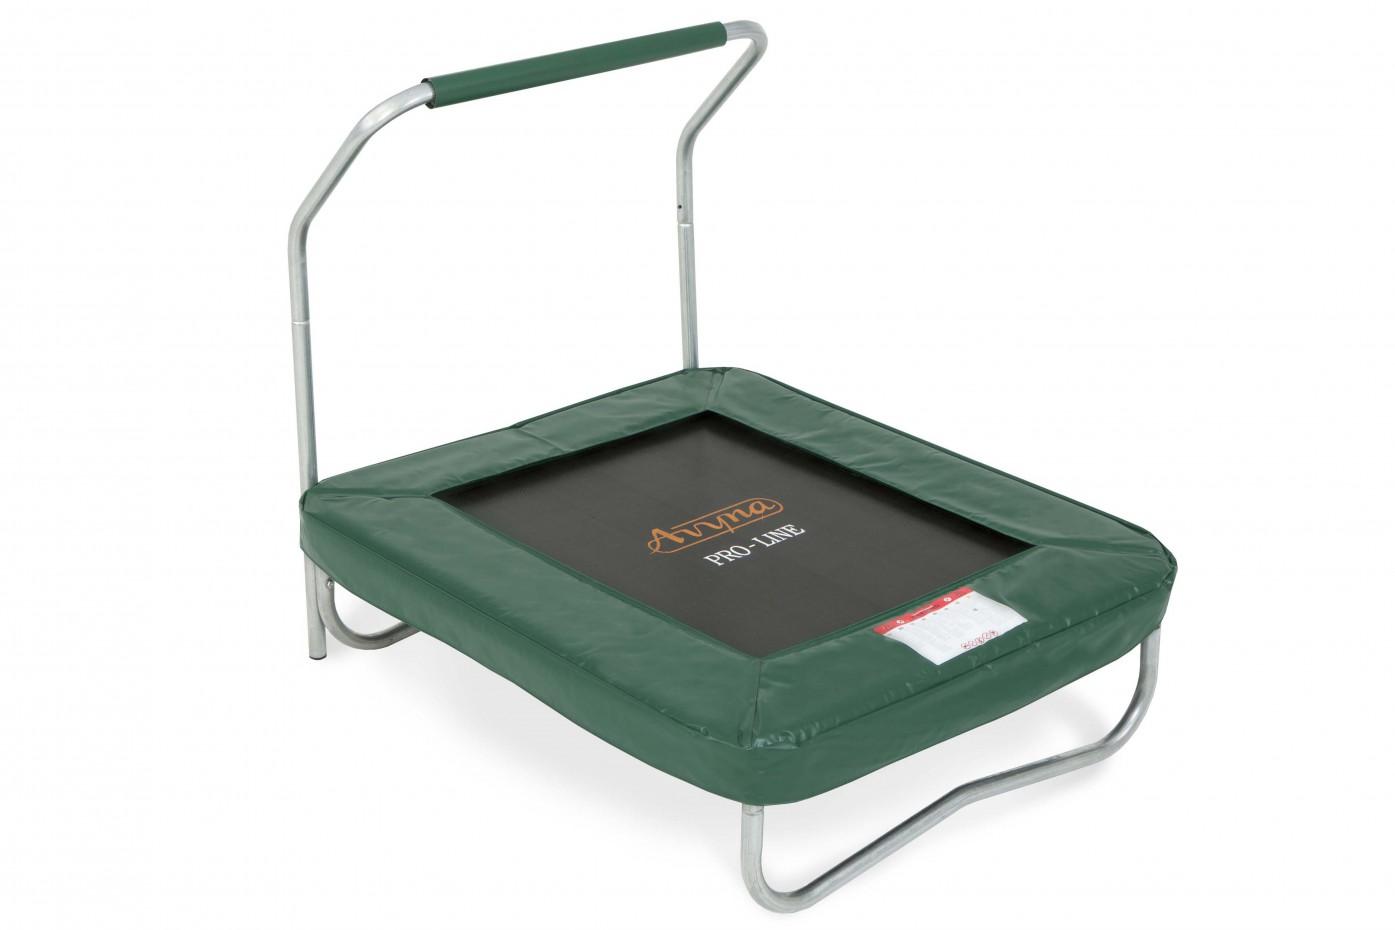 avyna pro line 207 kinder trampoline 1 20m groen. Black Bedroom Furniture Sets. Home Design Ideas